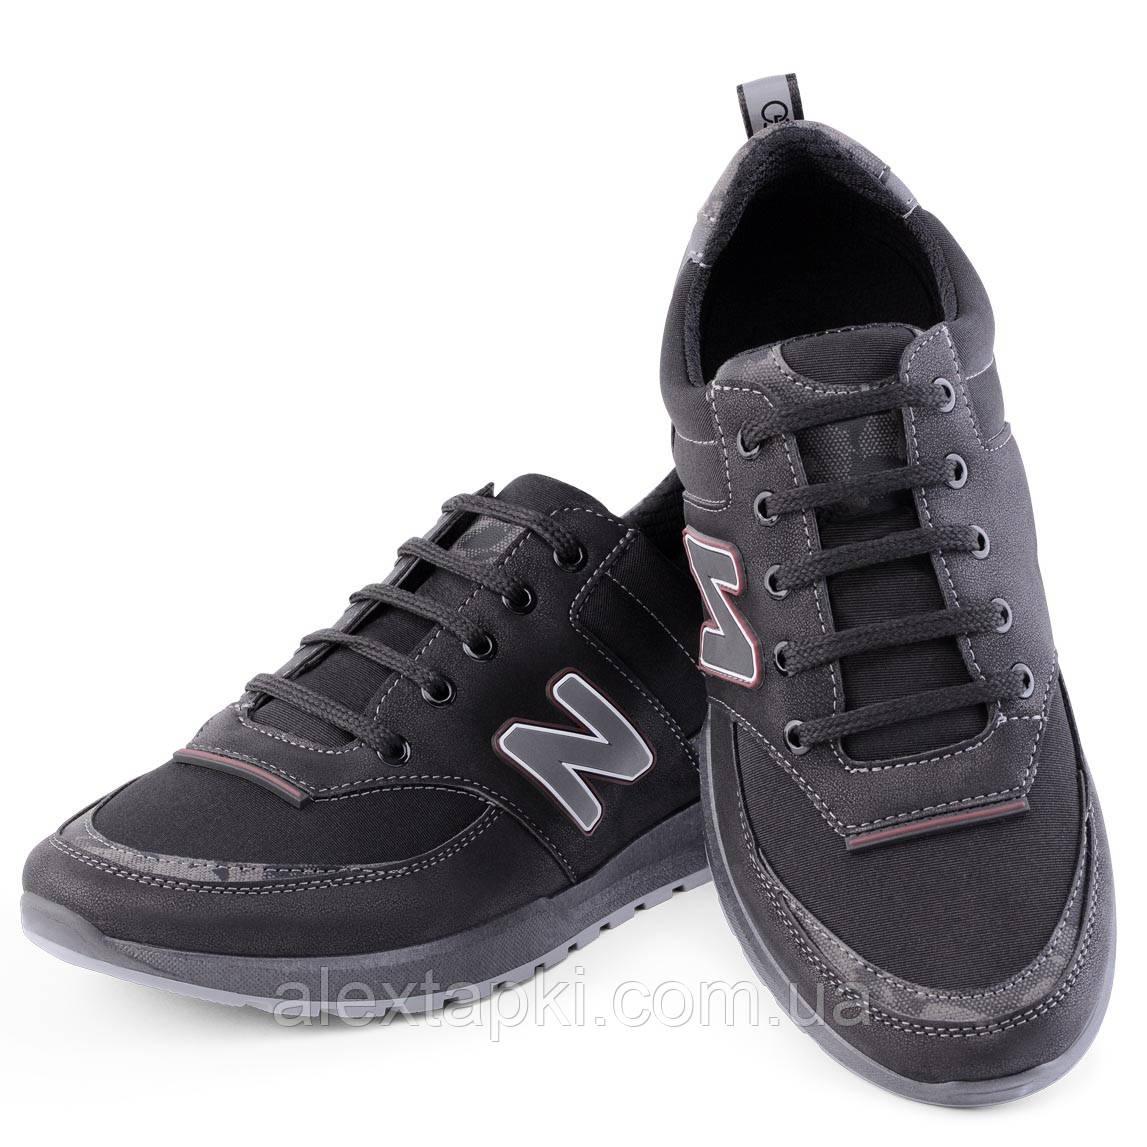 Мужские кроссовки Даго м3001